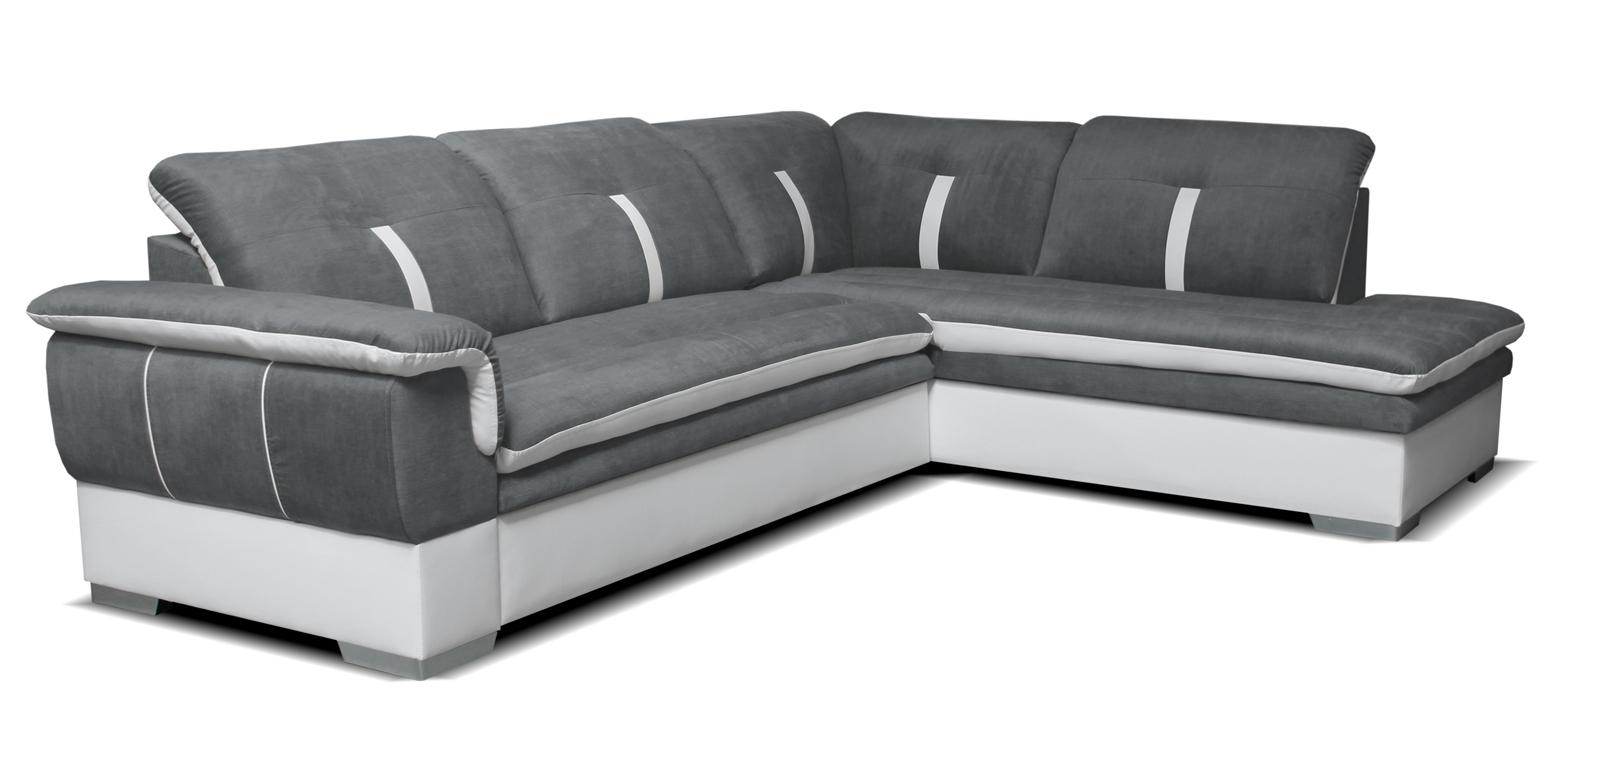 Rohová sedací souprava - Po-Sed - Galaxy 2F+L (šedá + bílá) (P)